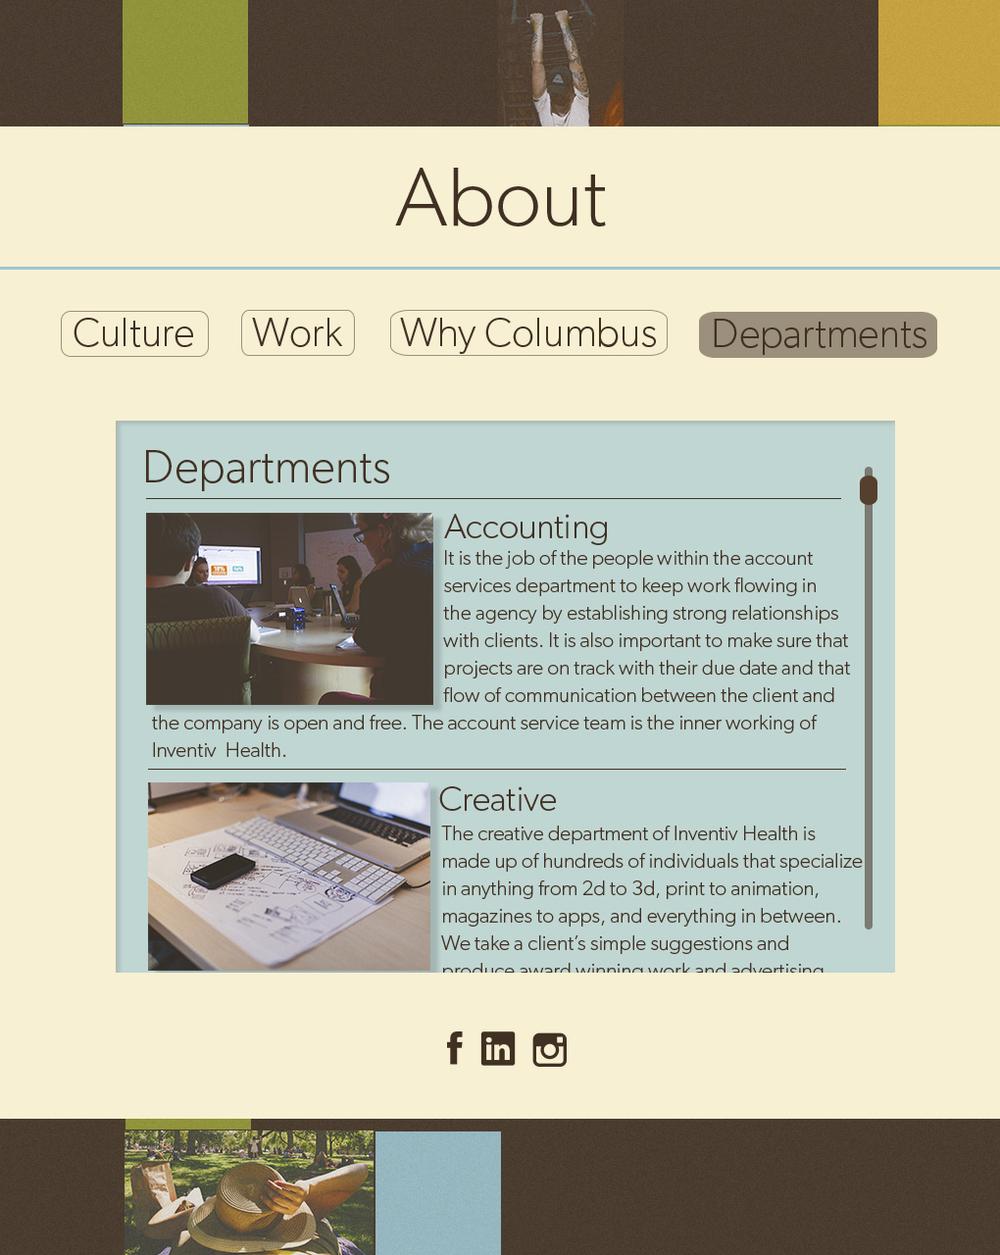 departments.jpg